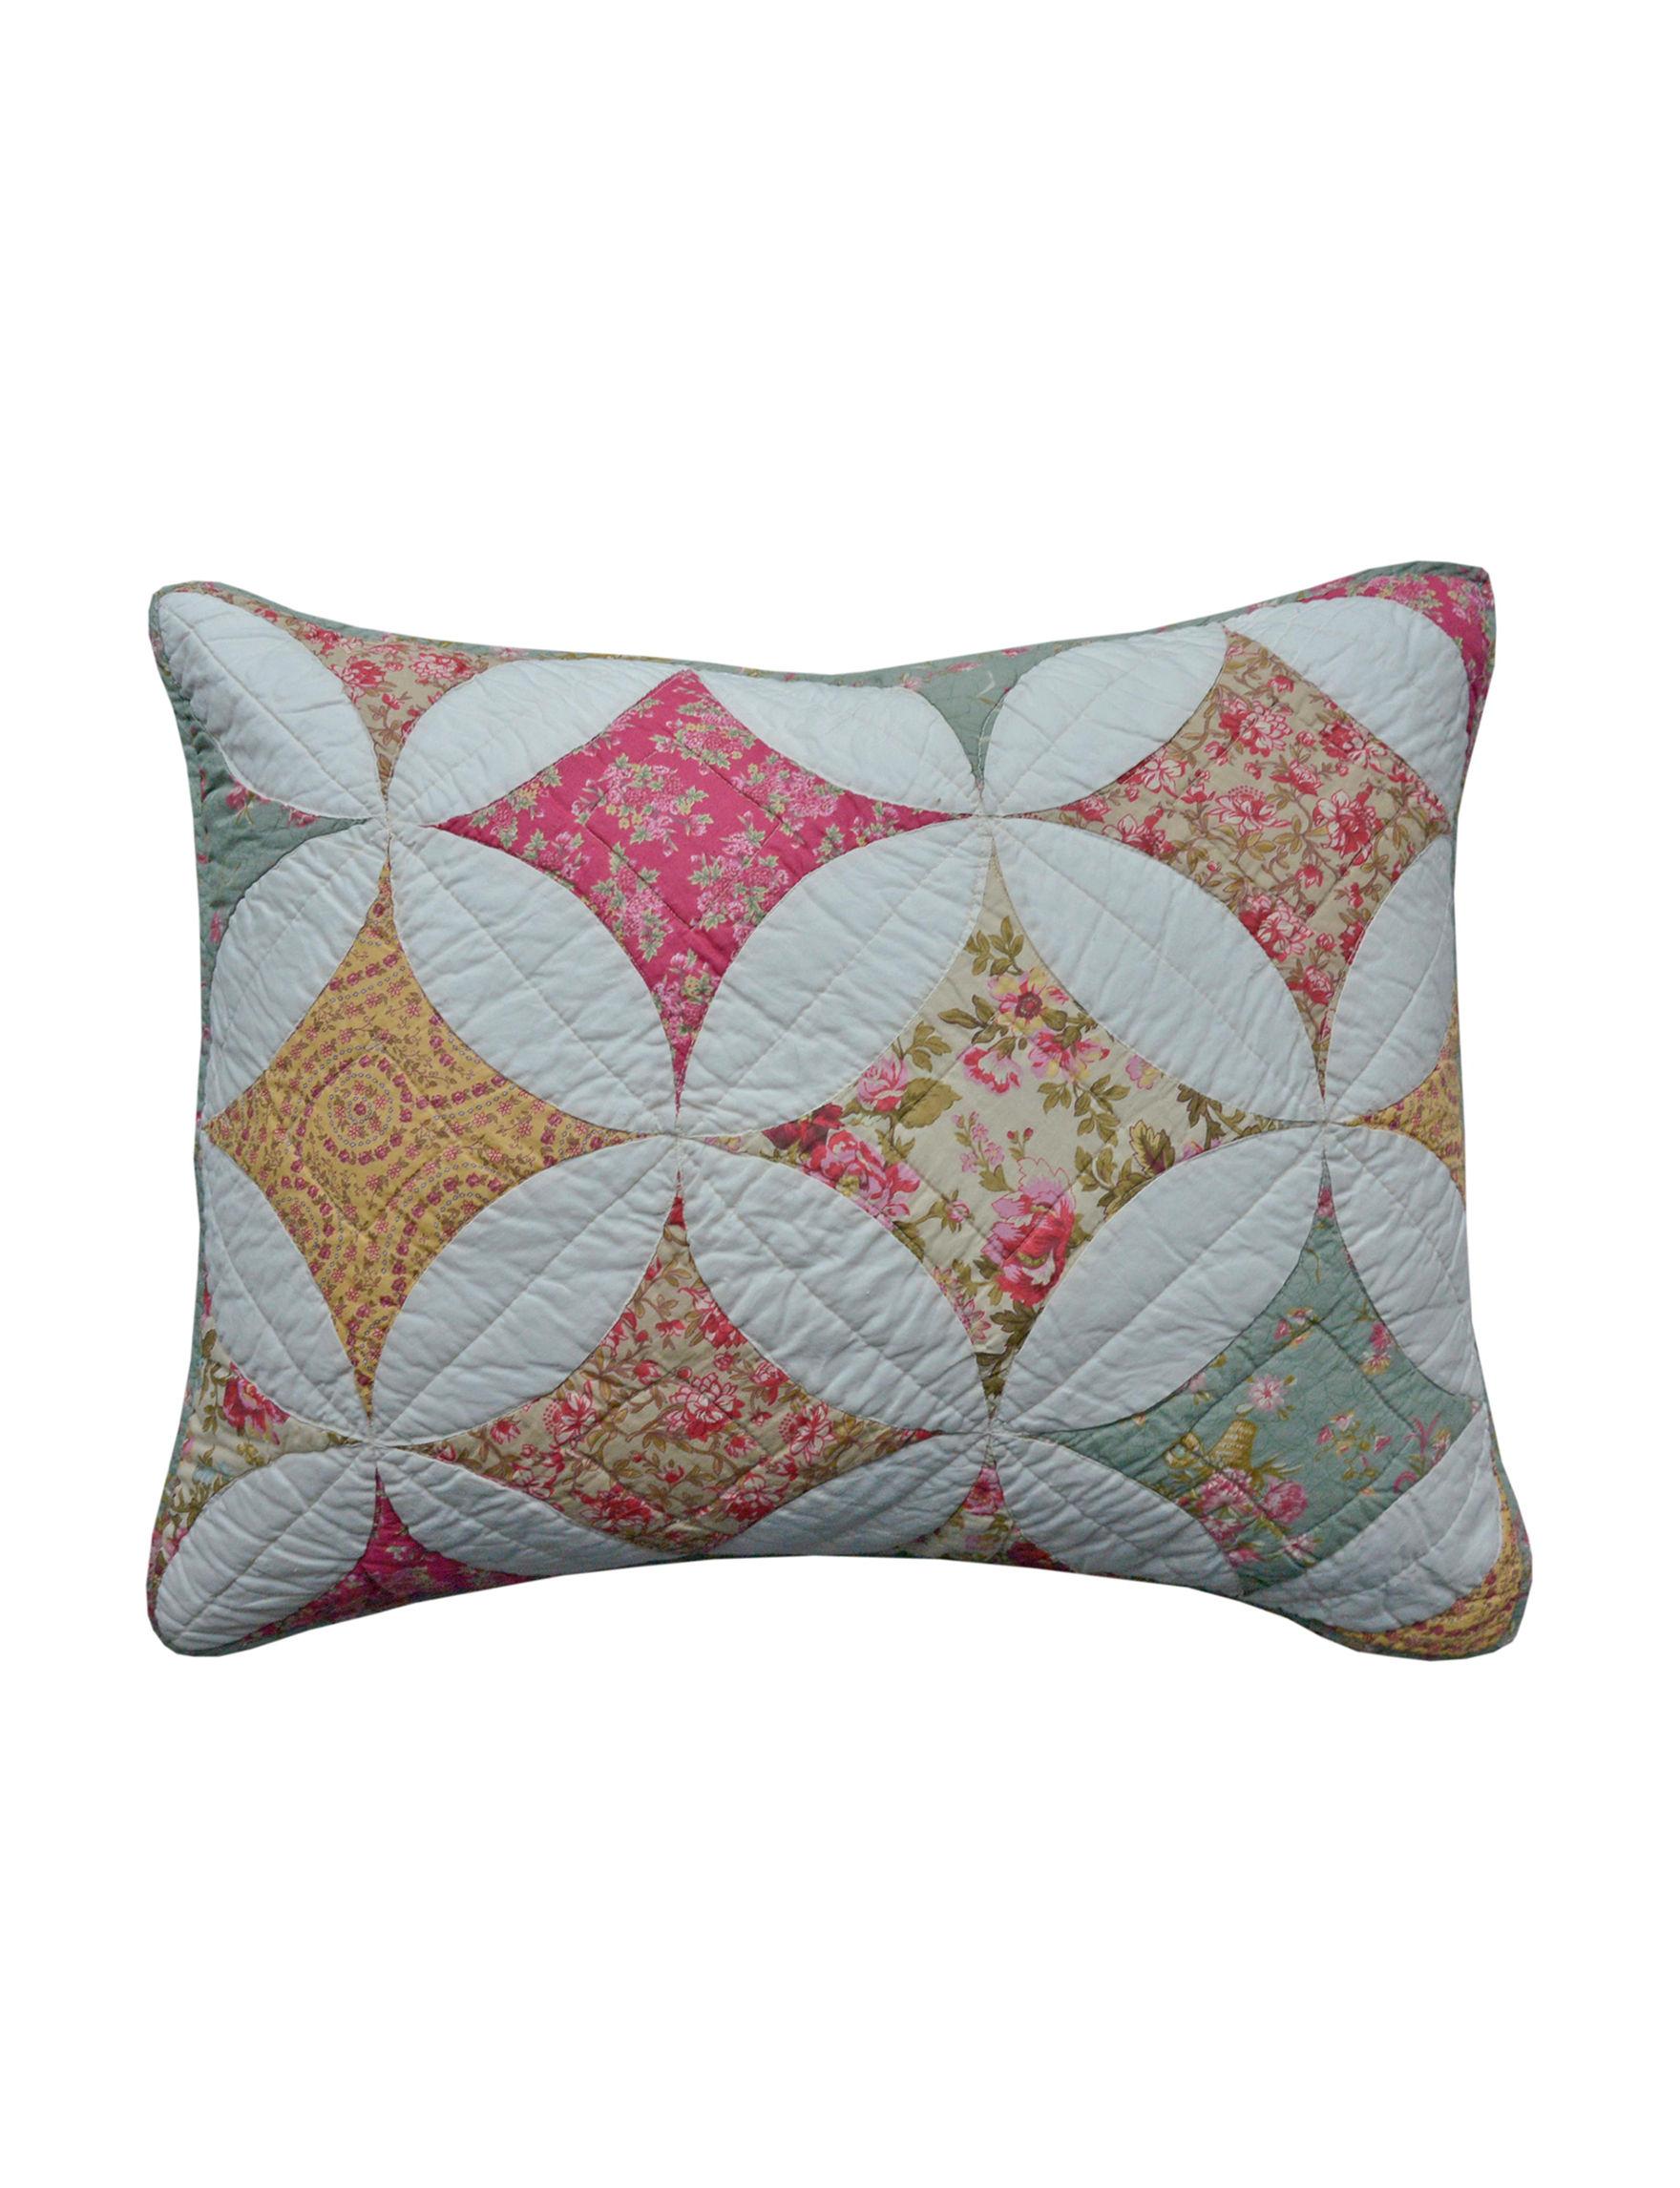 Nostalgia Home Multi Pillow Shams